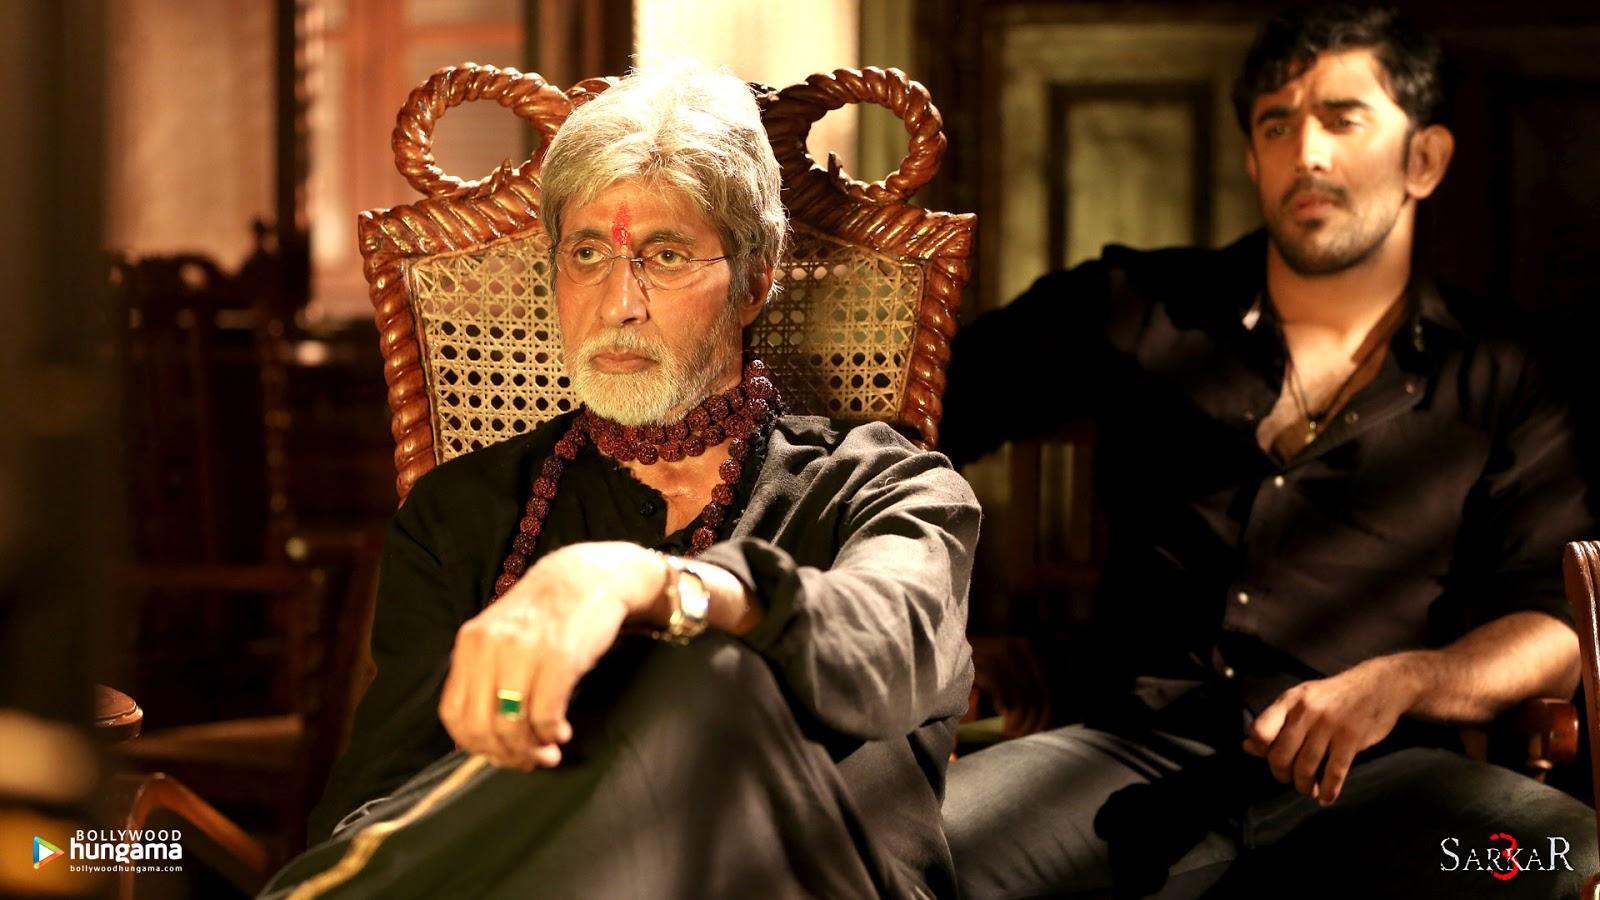 Sarkar 3 Full Movie Download